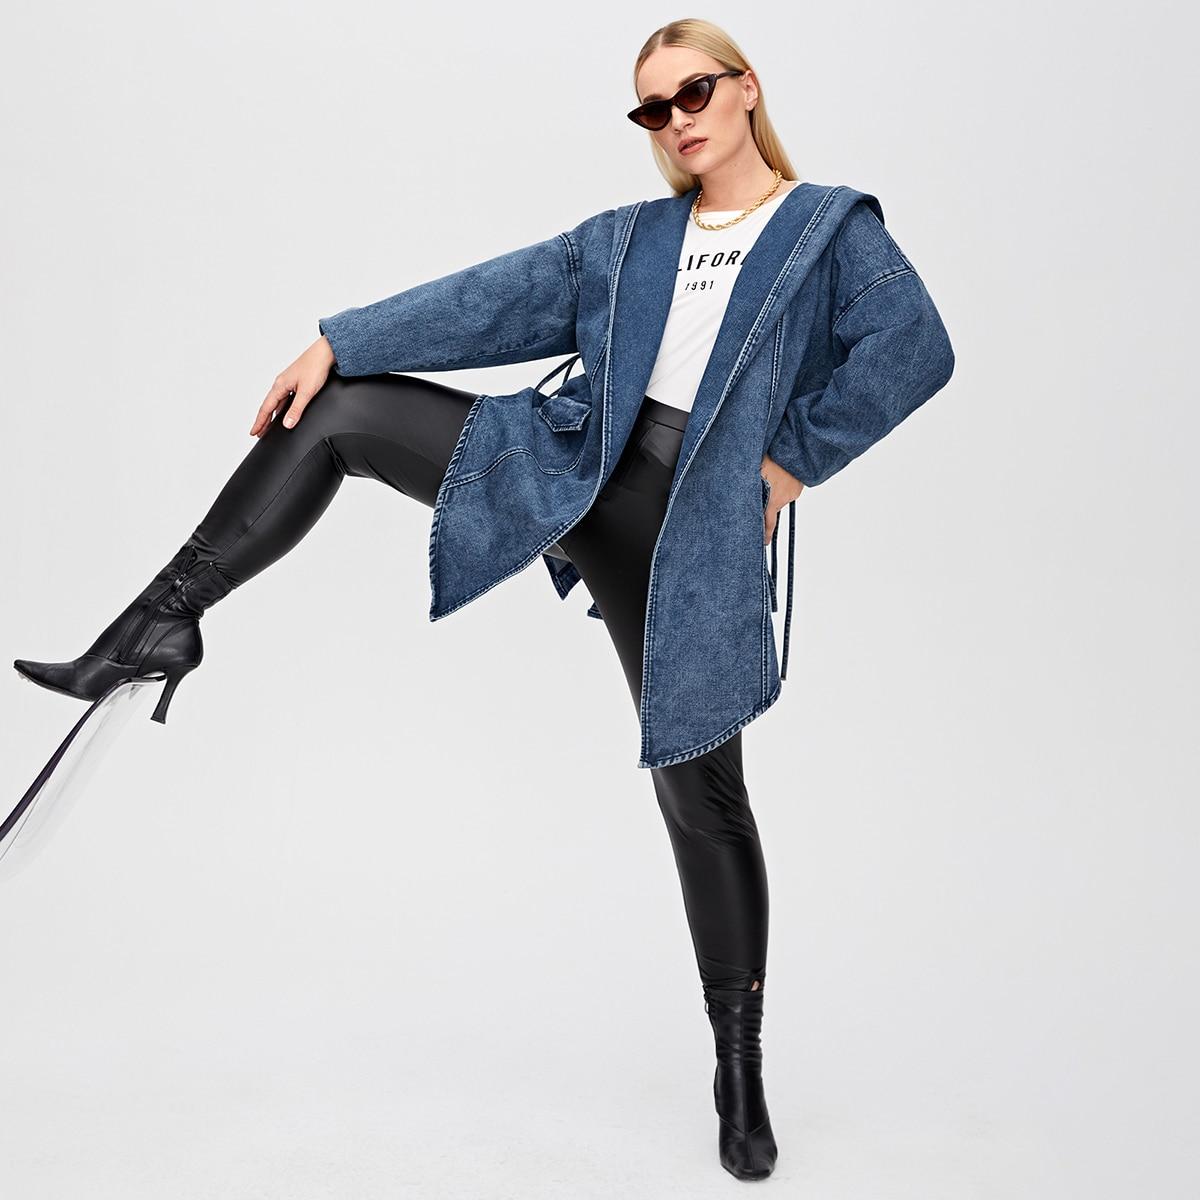 Асимметричное джинсовое пальто размера плюс с капюшоном